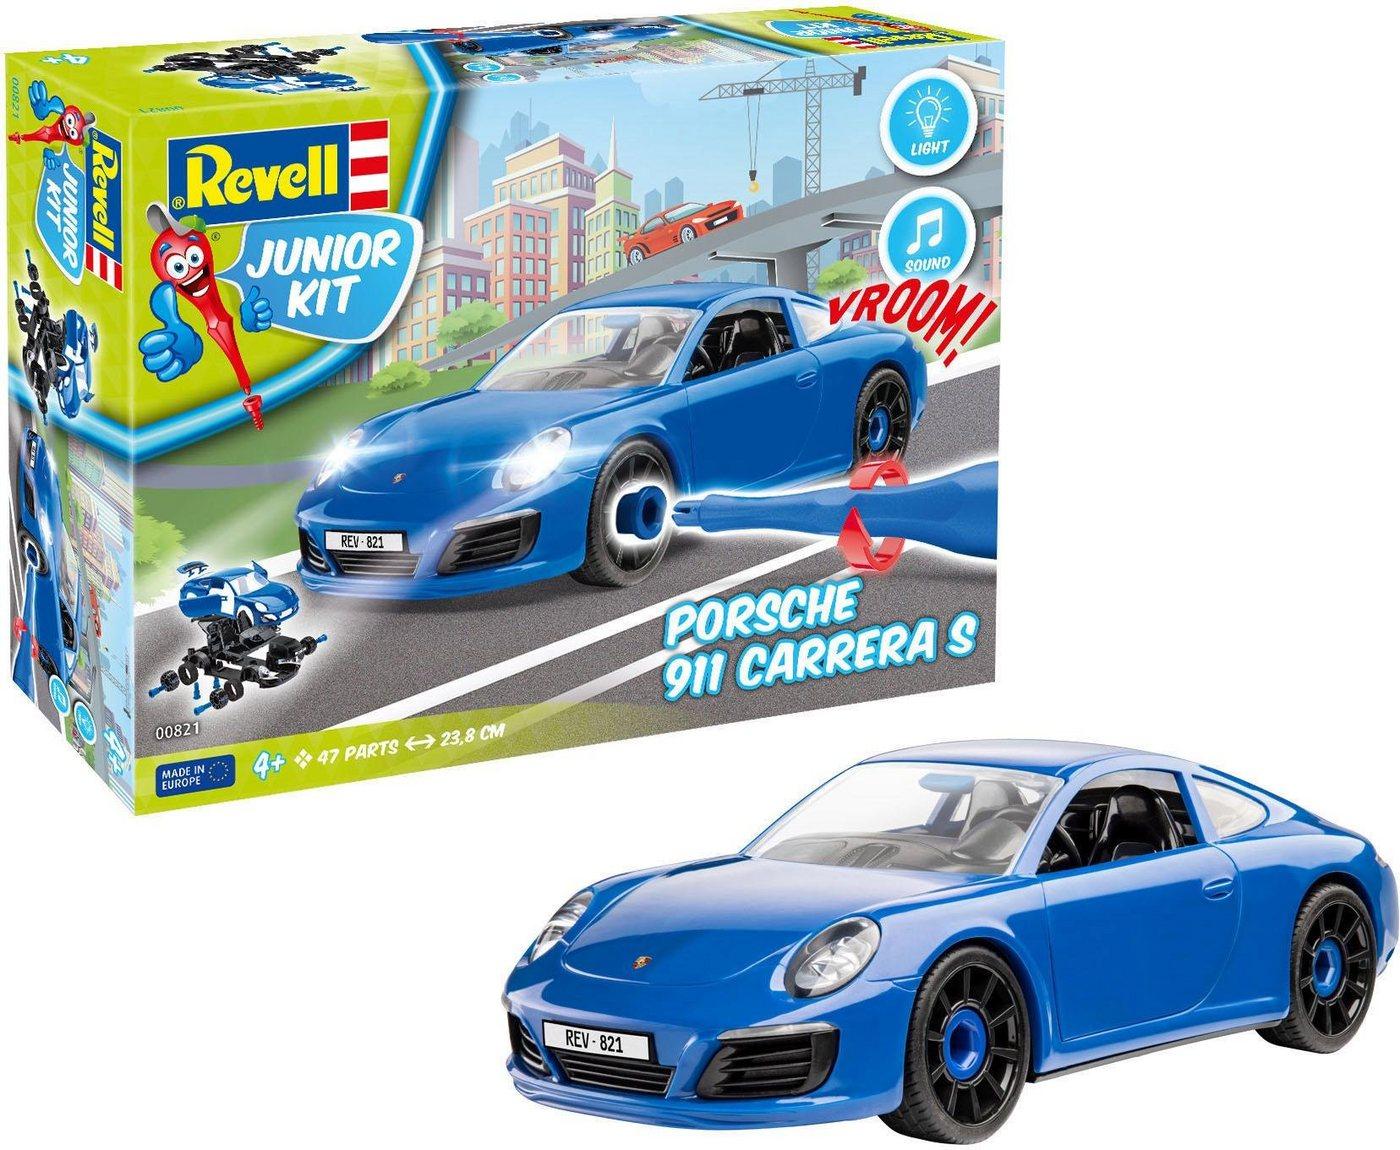 Revell Modellbausatz Auto mit Licht und Sound, »Junior Kit Porsche 911 Carrera S«